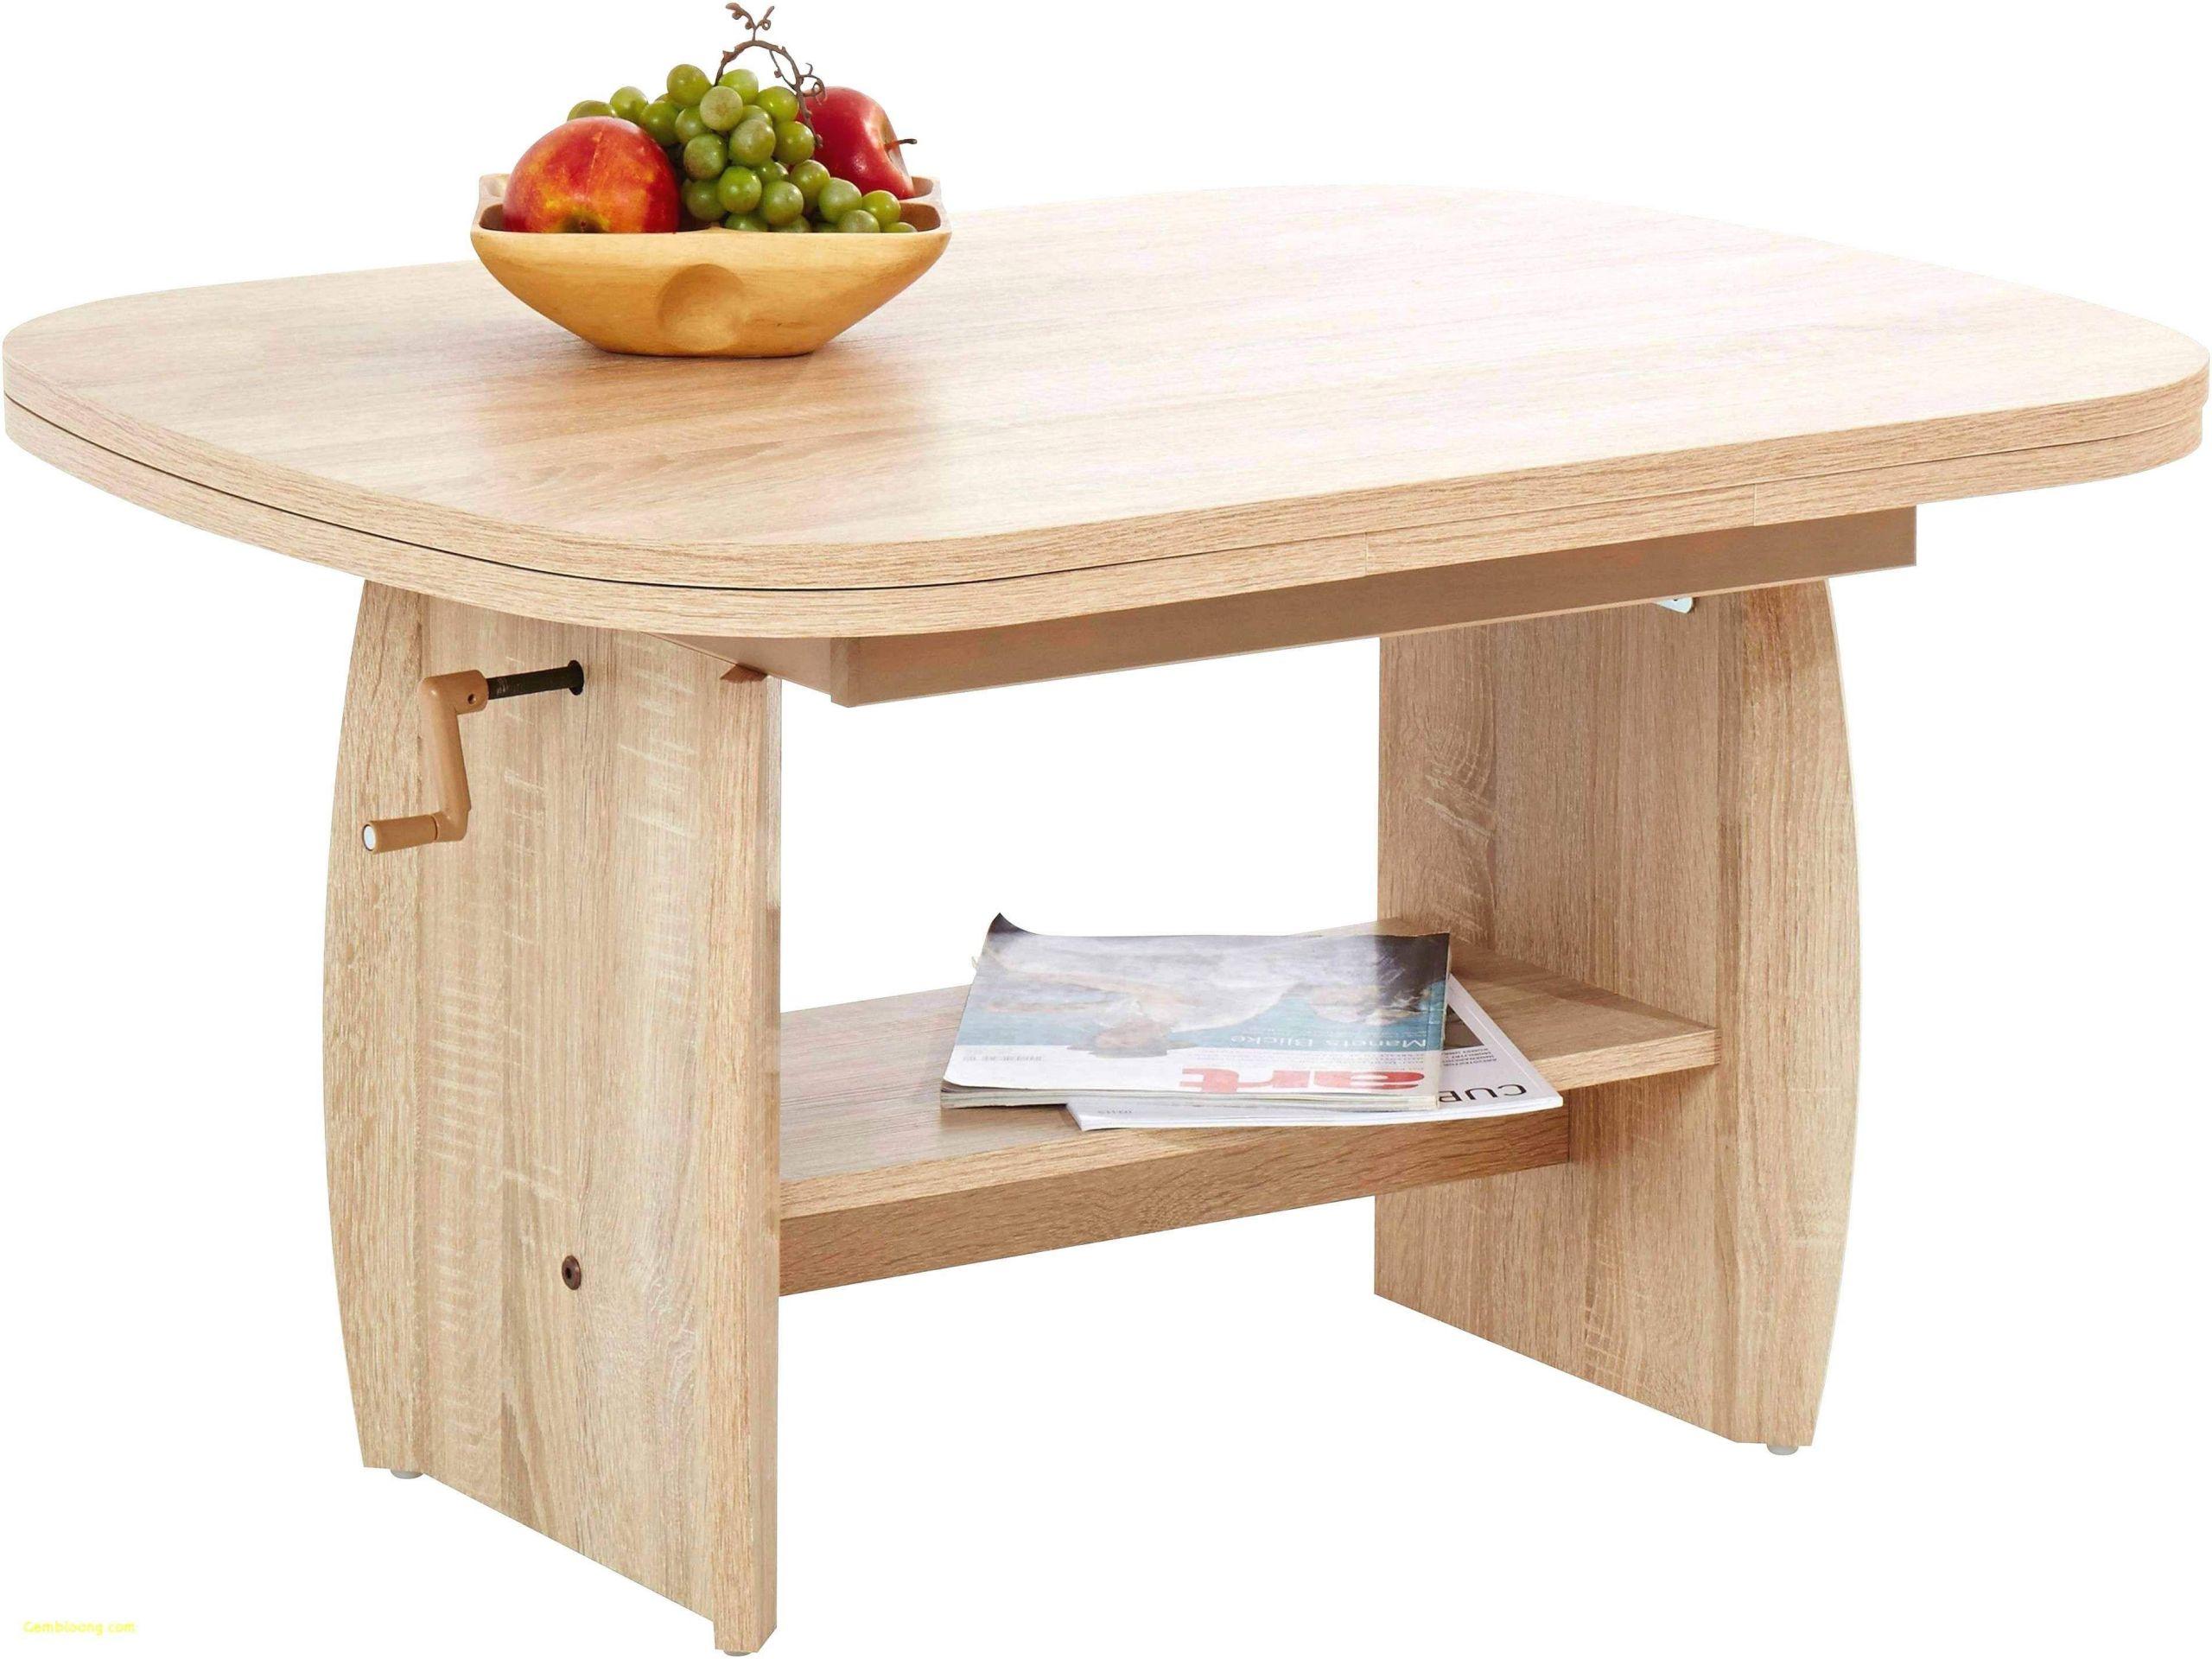 Full Size of Ikea Tisch Wohnzimmer Einzigartig Esstisch Sofa Mit Schlaffunktion Küche Kaufen Kosten Miniküche Betten 160x200 Bei Modulküche Wohnzimmer Ikea Gartentisch